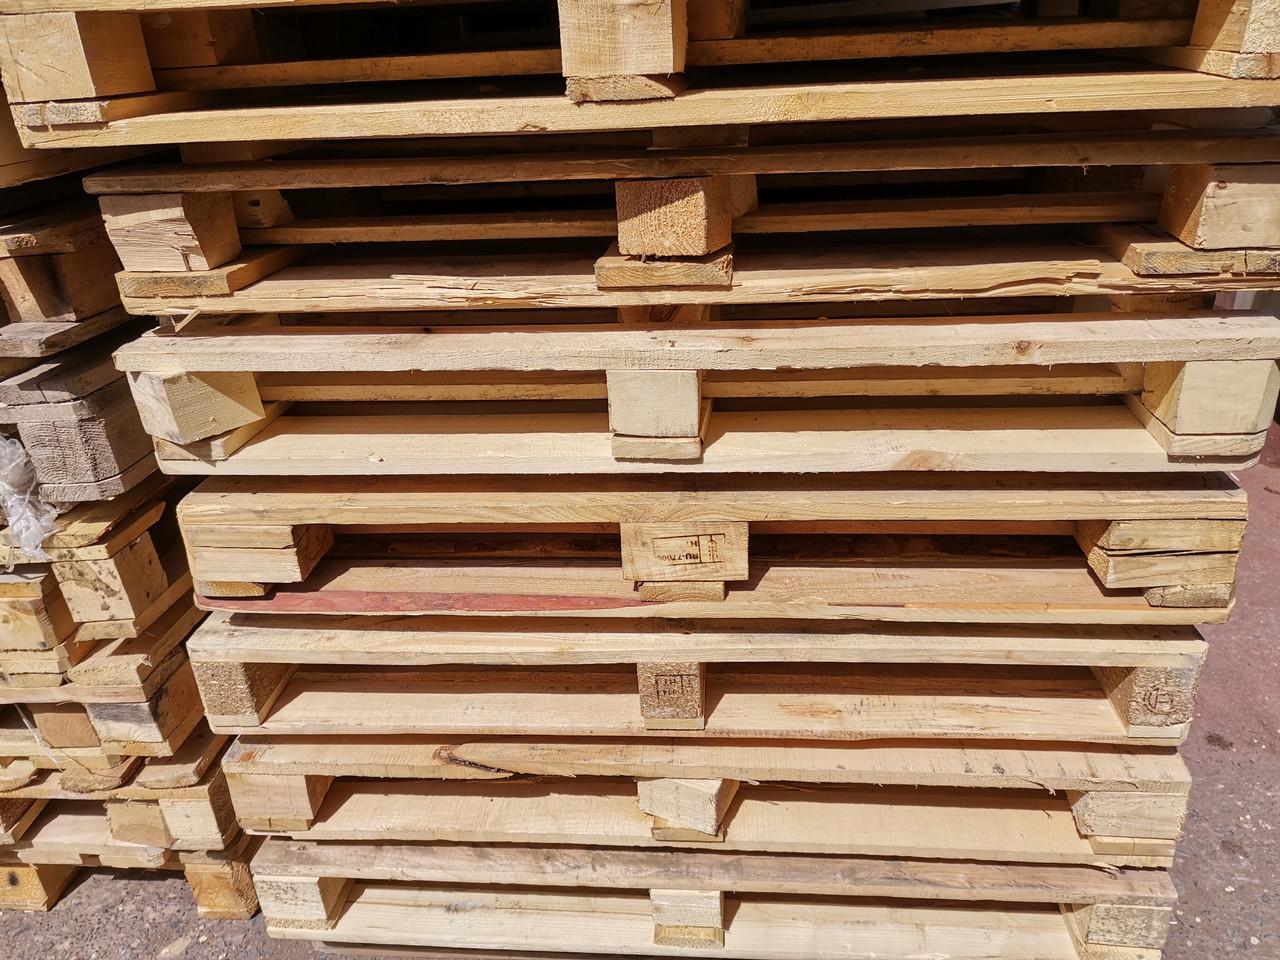 Поддоны (паллеты) деревянные 1200*800, б/у в хор состоянии, цена с НДС, документы